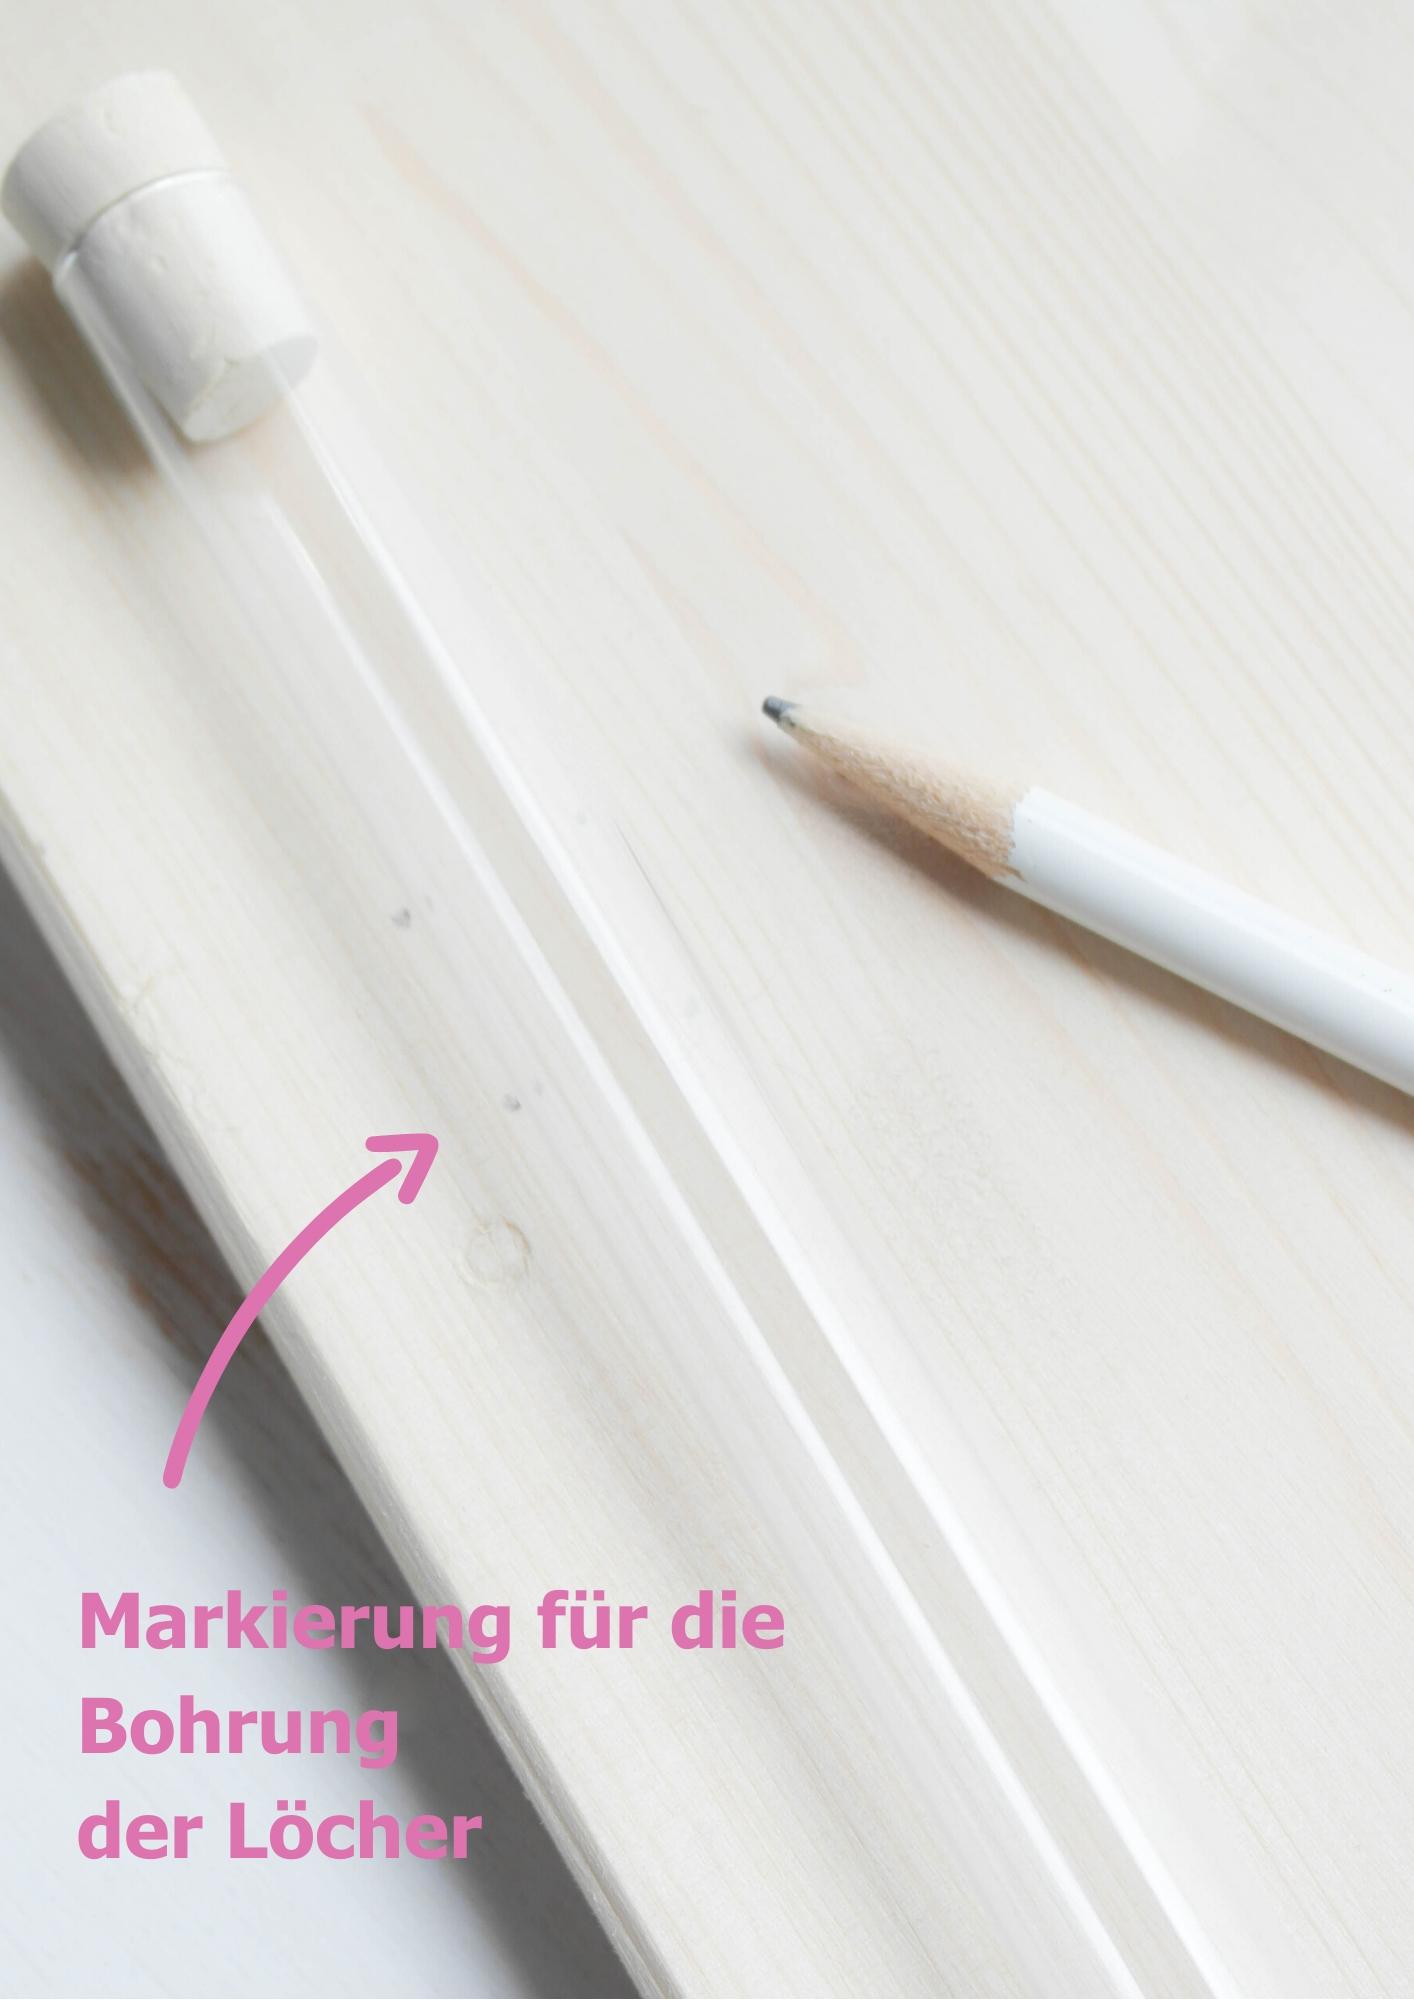 Markierung für Bohrung auf Holz anzeichnen